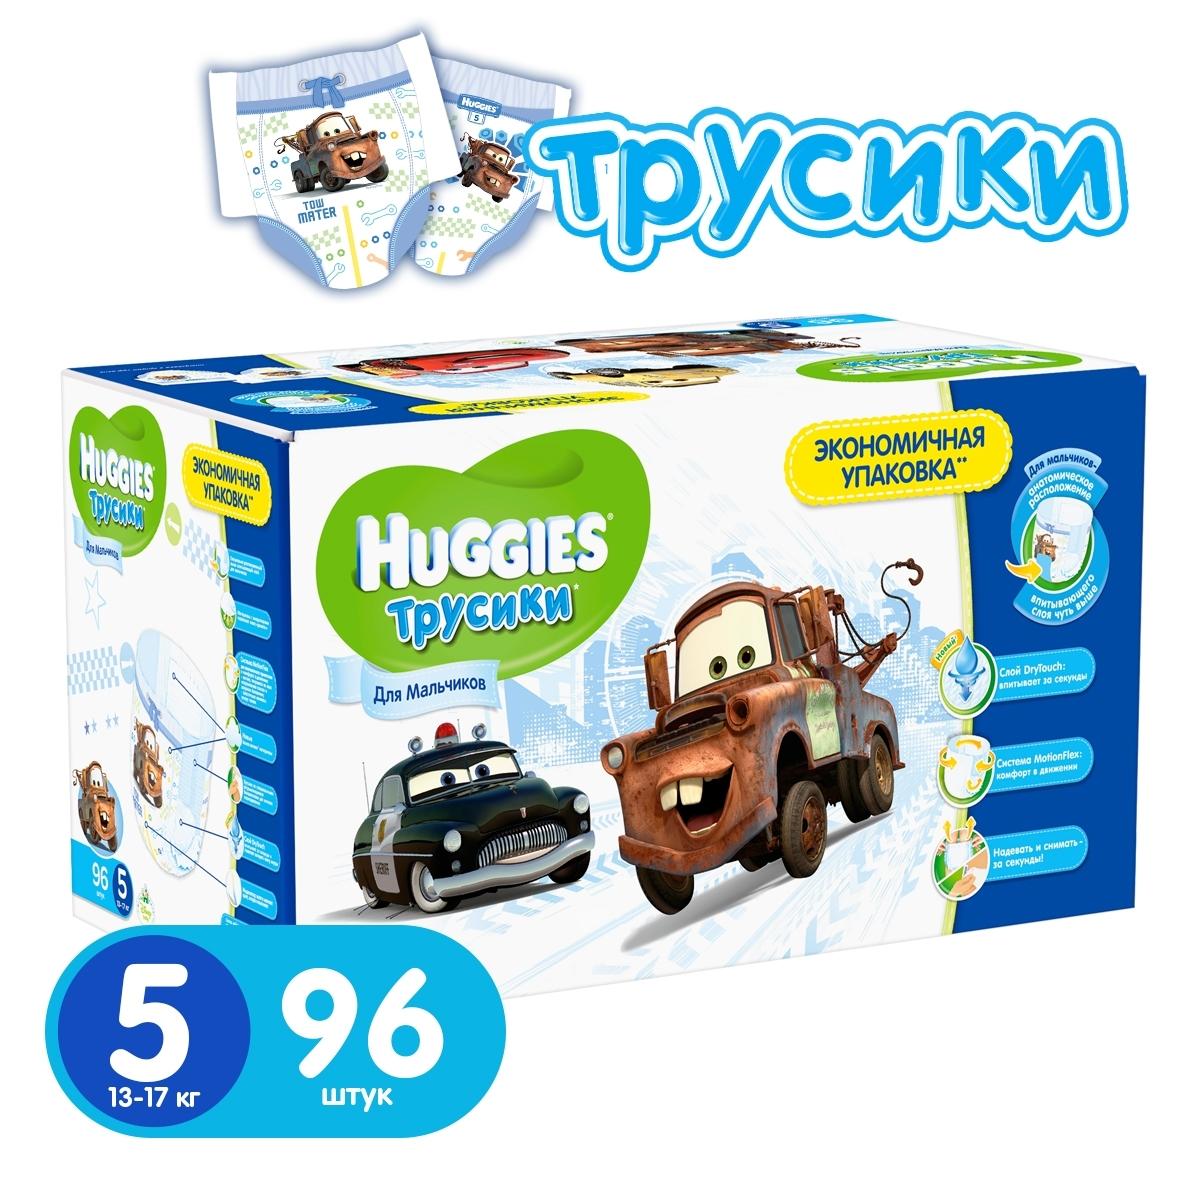 Трусики Huggies для мальчиков 13-17 кг (96 шт) Размер 5<br>